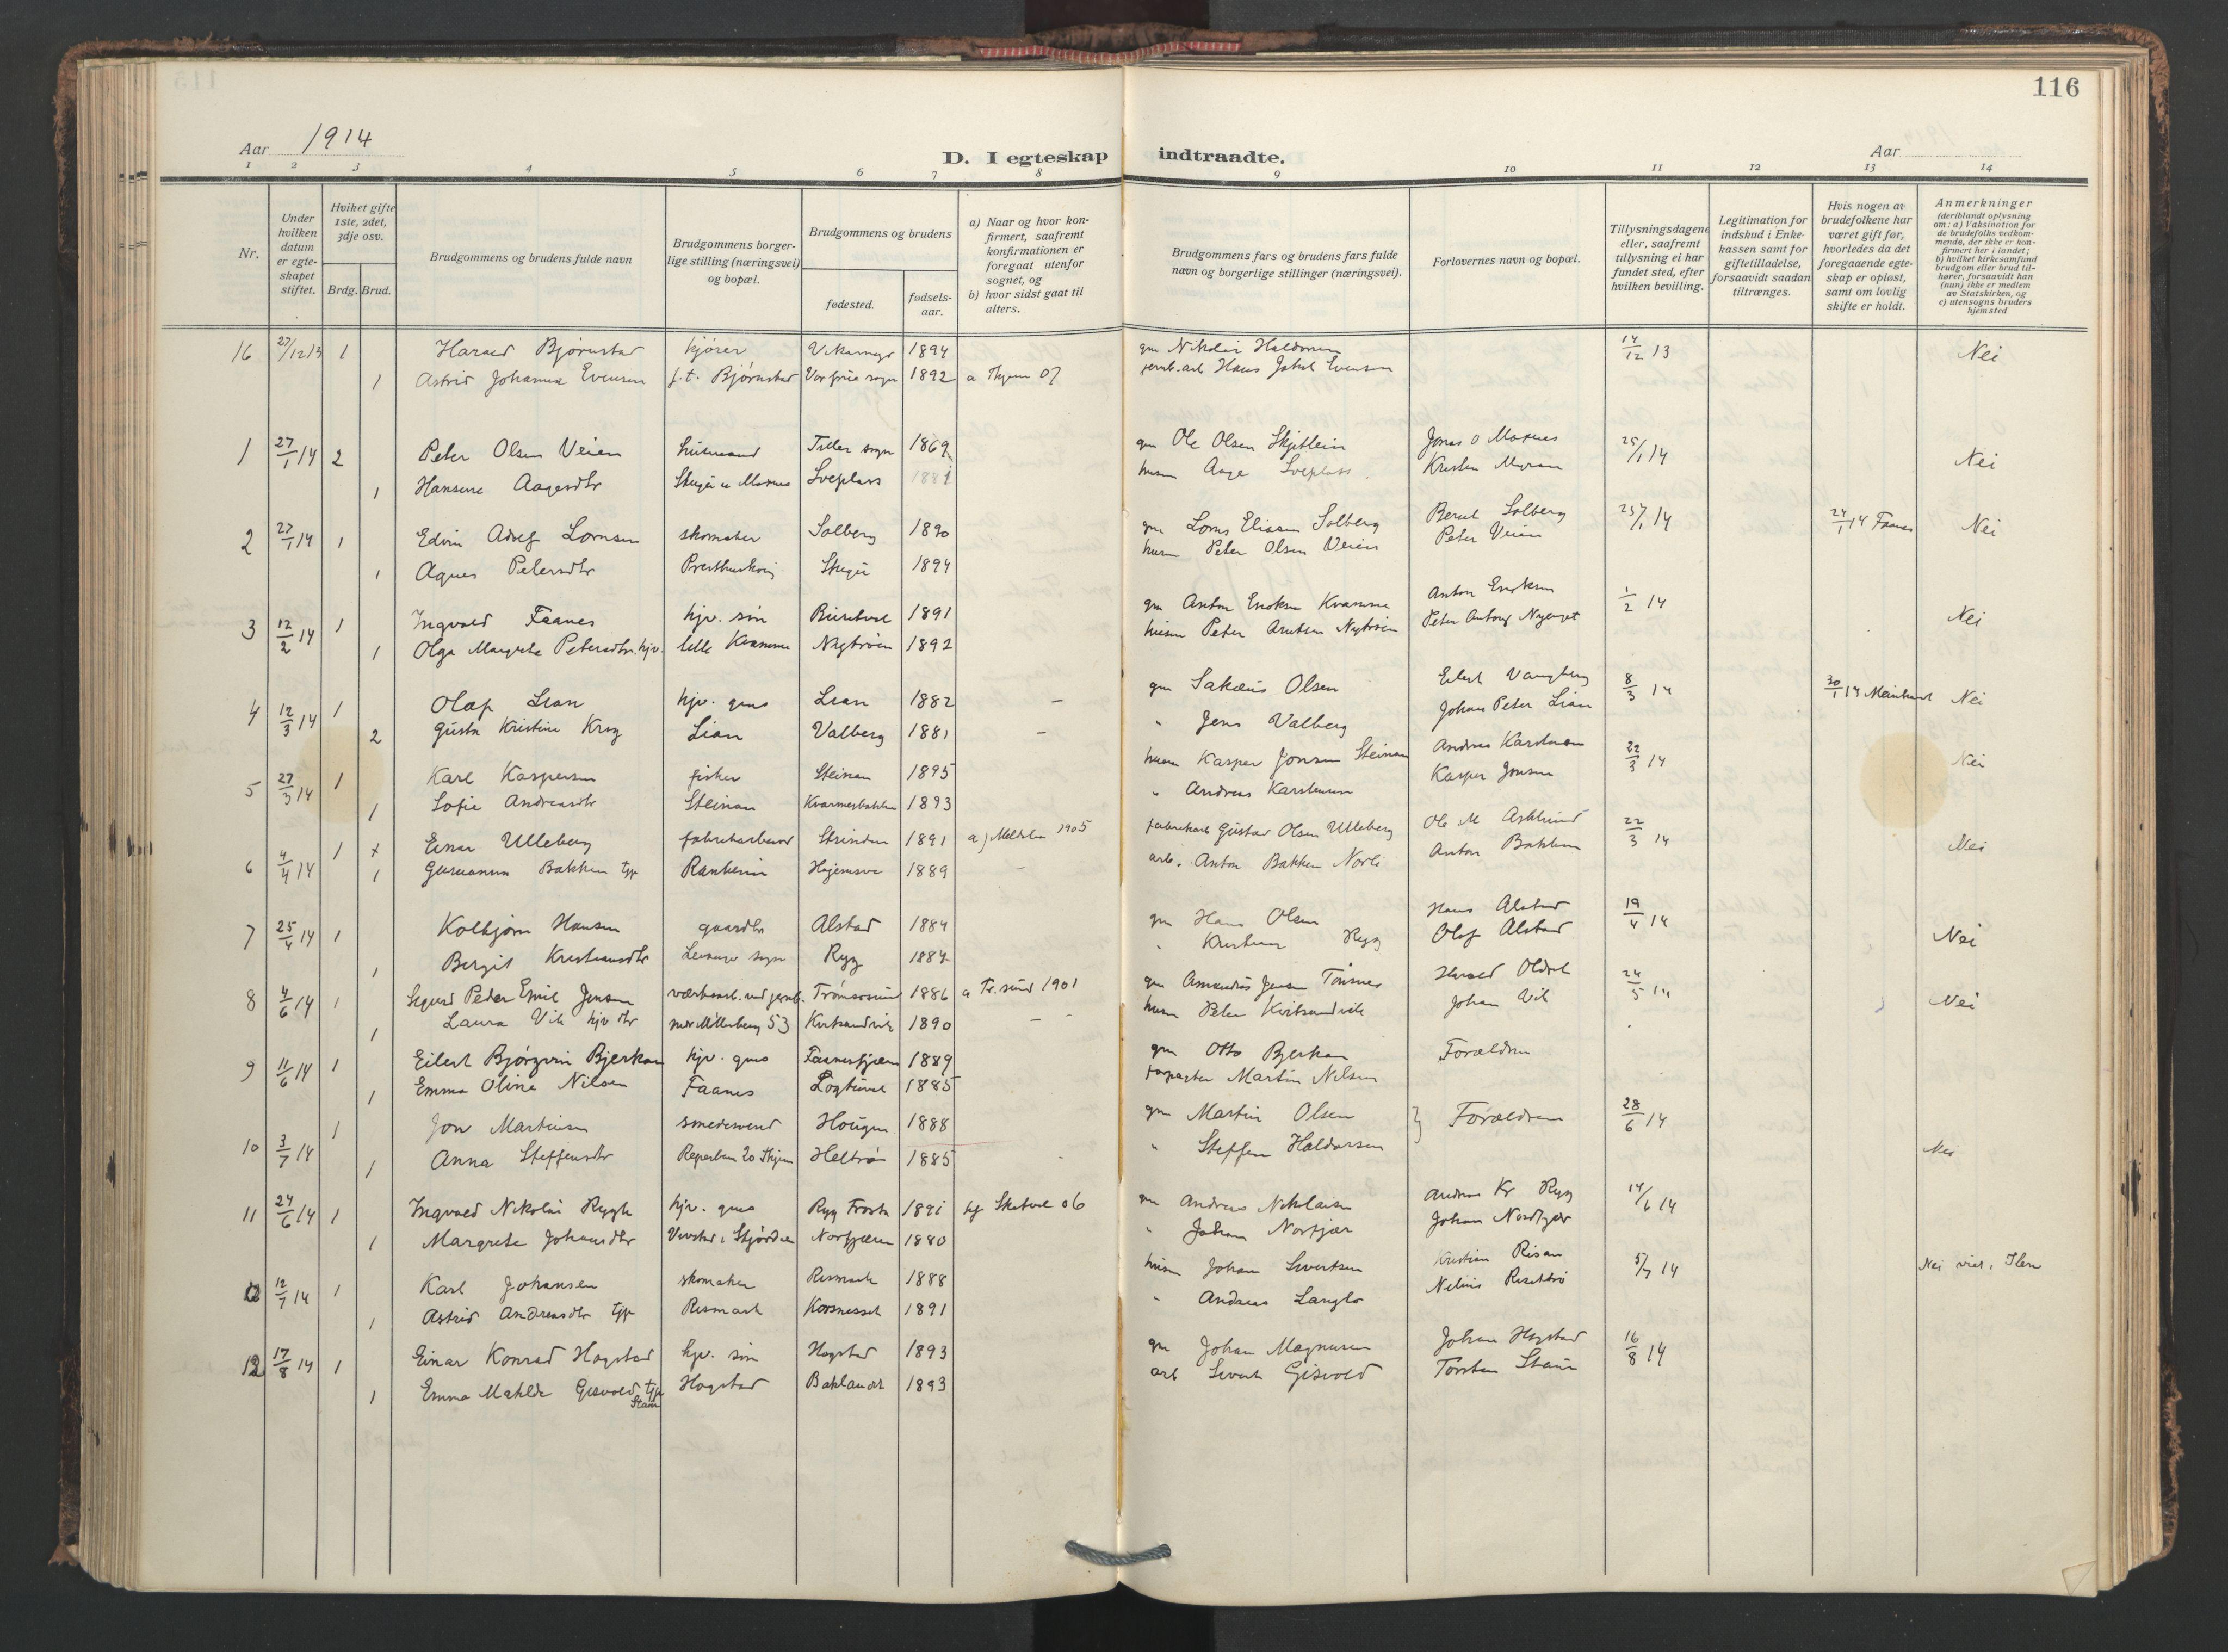 SAT, Ministerialprotokoller, klokkerbøker og fødselsregistre - Nord-Trøndelag, 713/L0123: Ministerialbok nr. 713A12, 1911-1925, s. 116